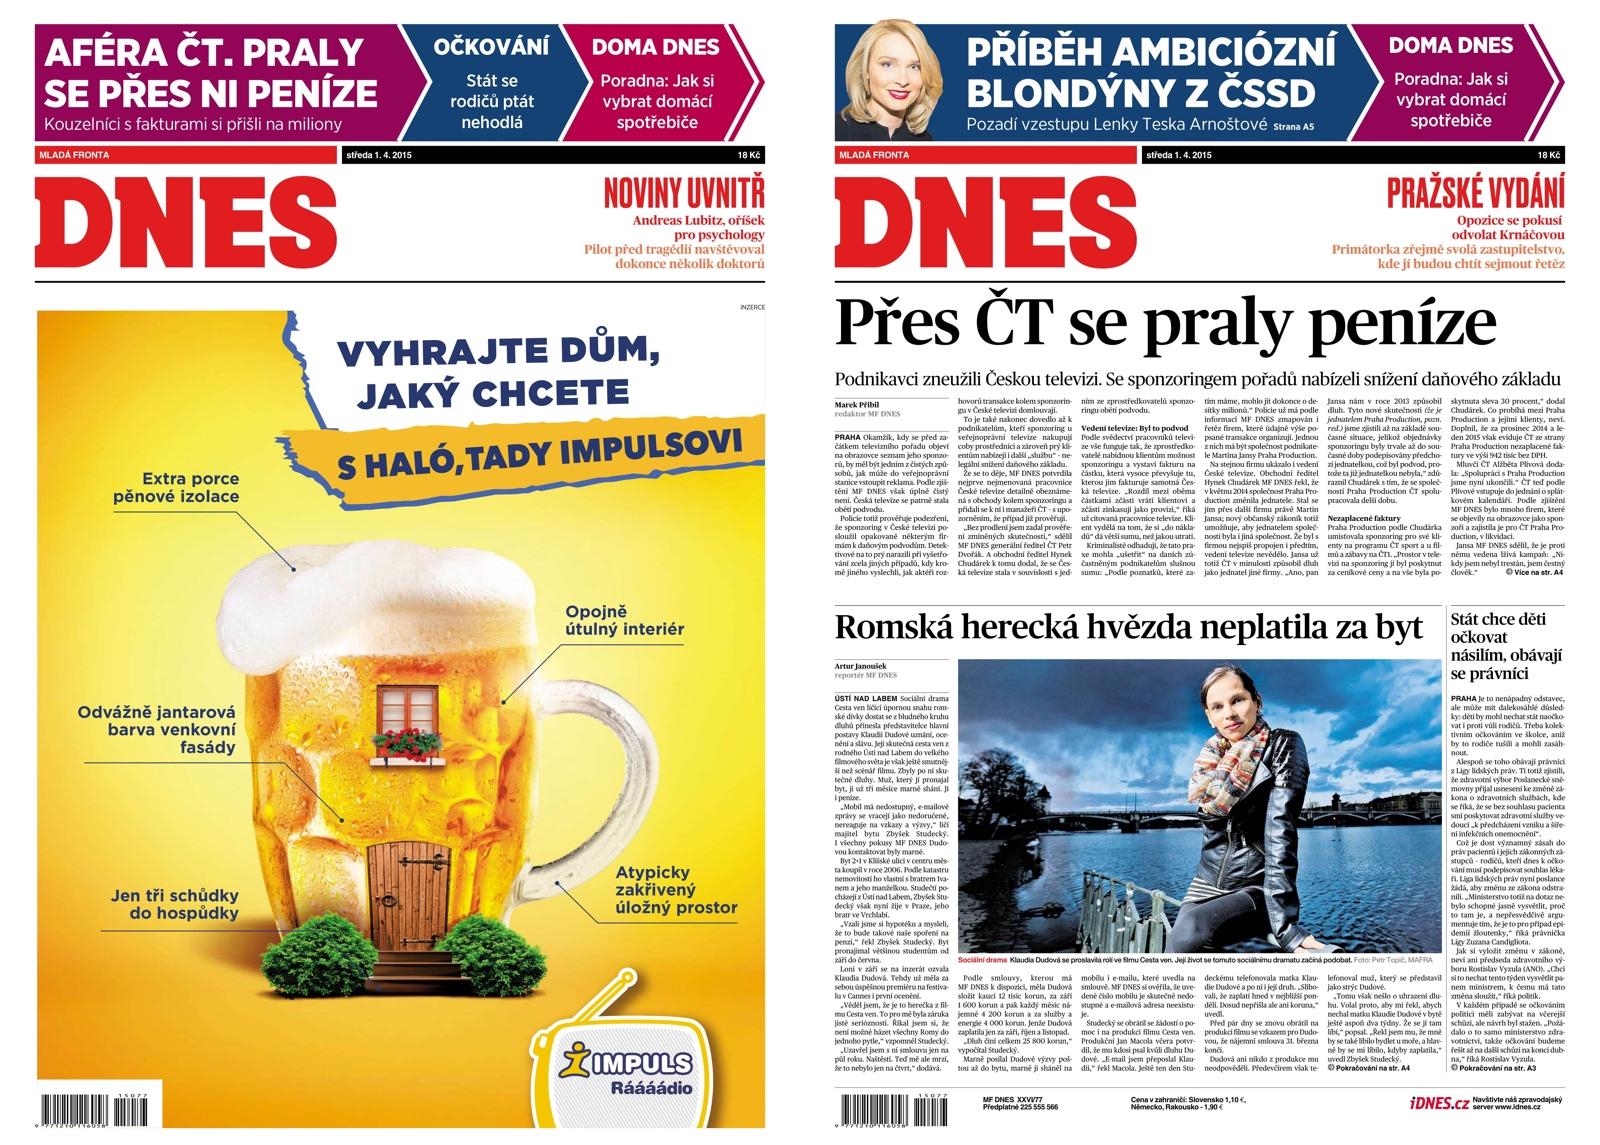 Inkriminovaný článek vyšel 1. dubna 2015 na první straně Mladé fronty Dnes (noviny ten den dostaly reklamní přebal sesterského rádia Impuls)